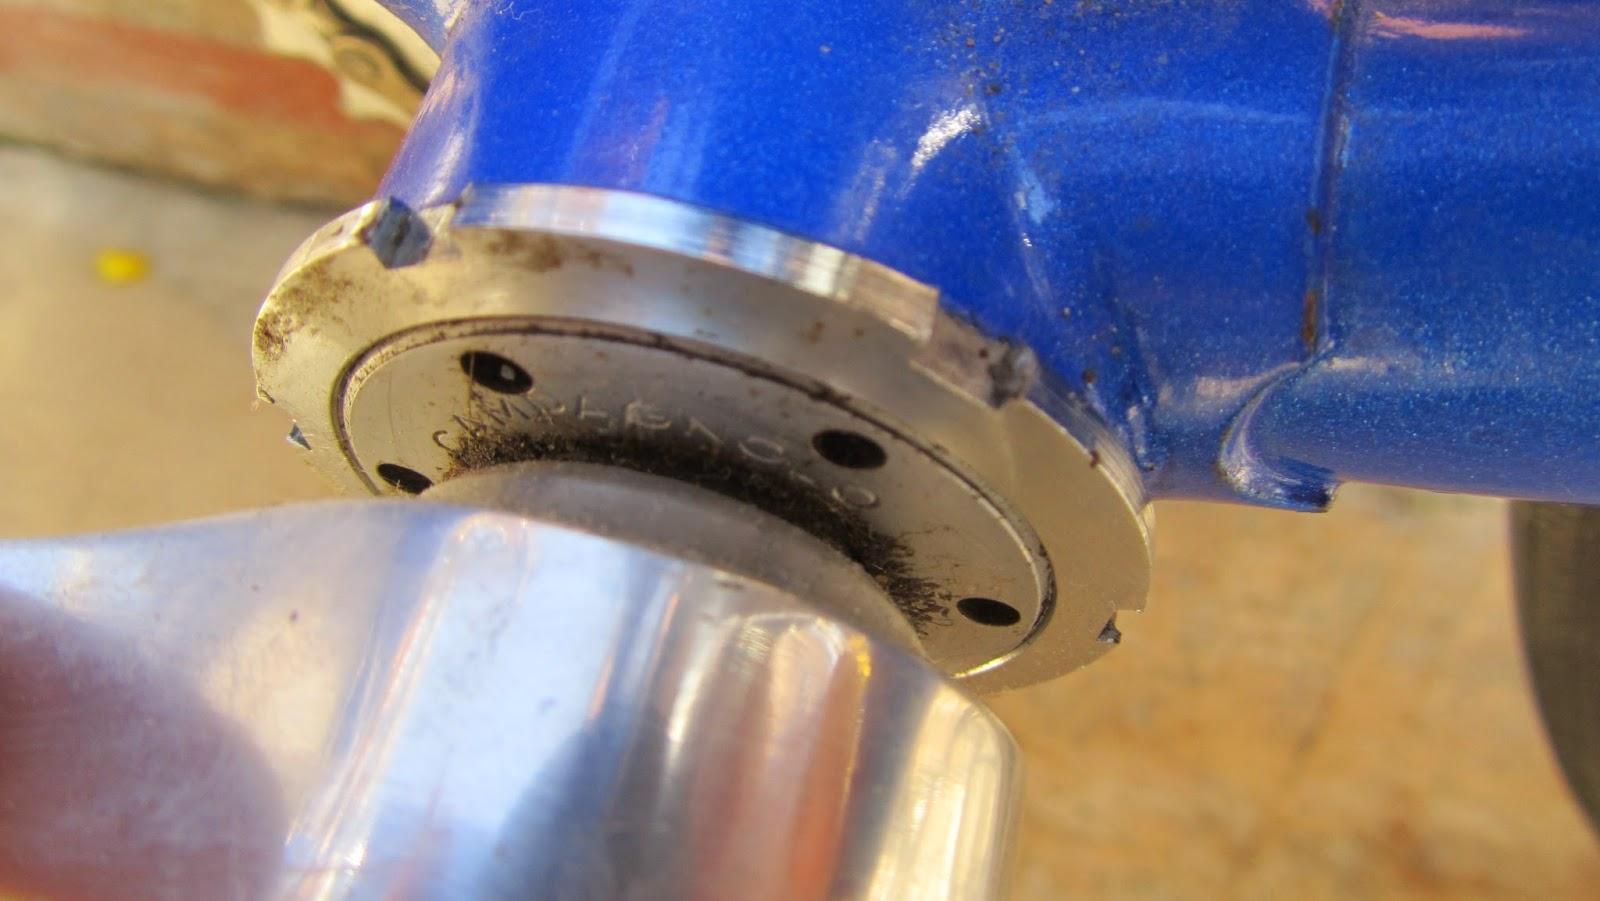 bicicleta orbea contrarreloj - cazoleta pedalier campagnolo record